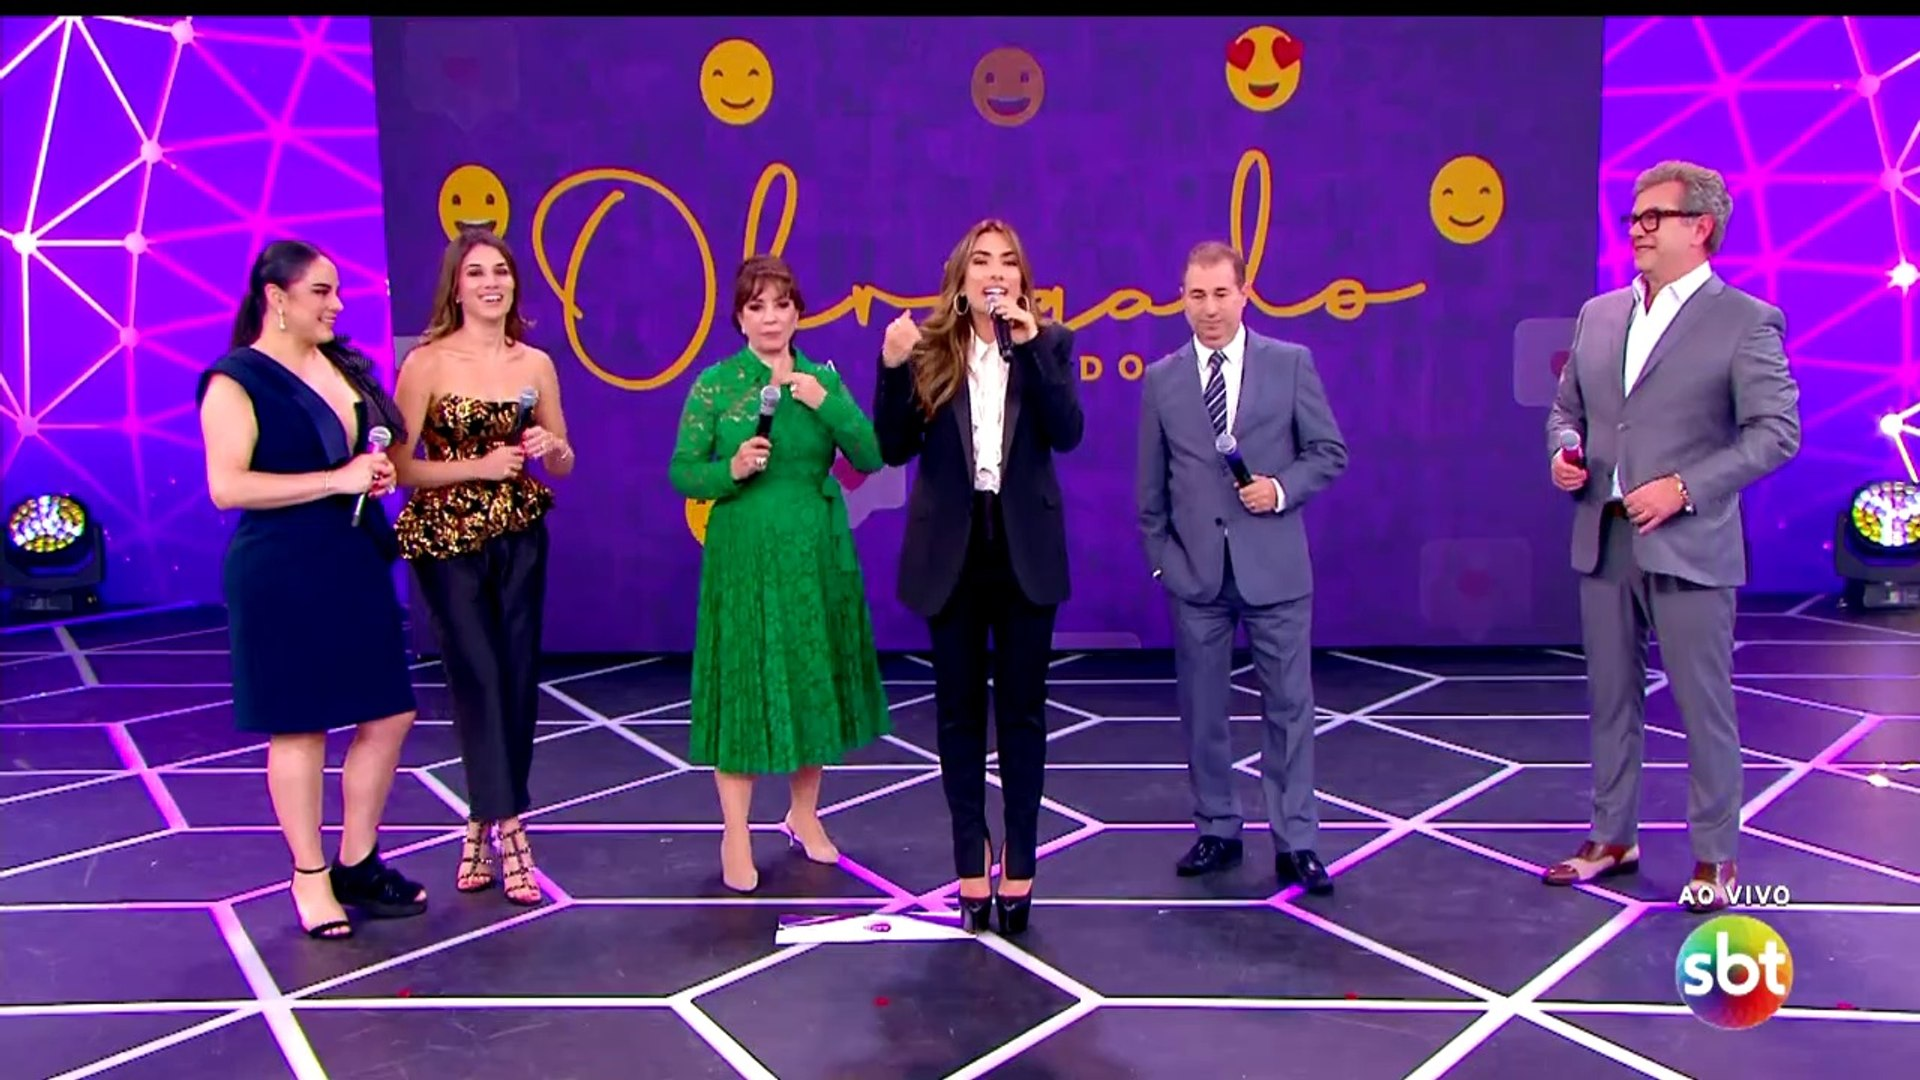 Teleton 2019 ultrapassa a meta de 30 milhões mesmo sem Silvio Santos e com as filhas e esposa do pat